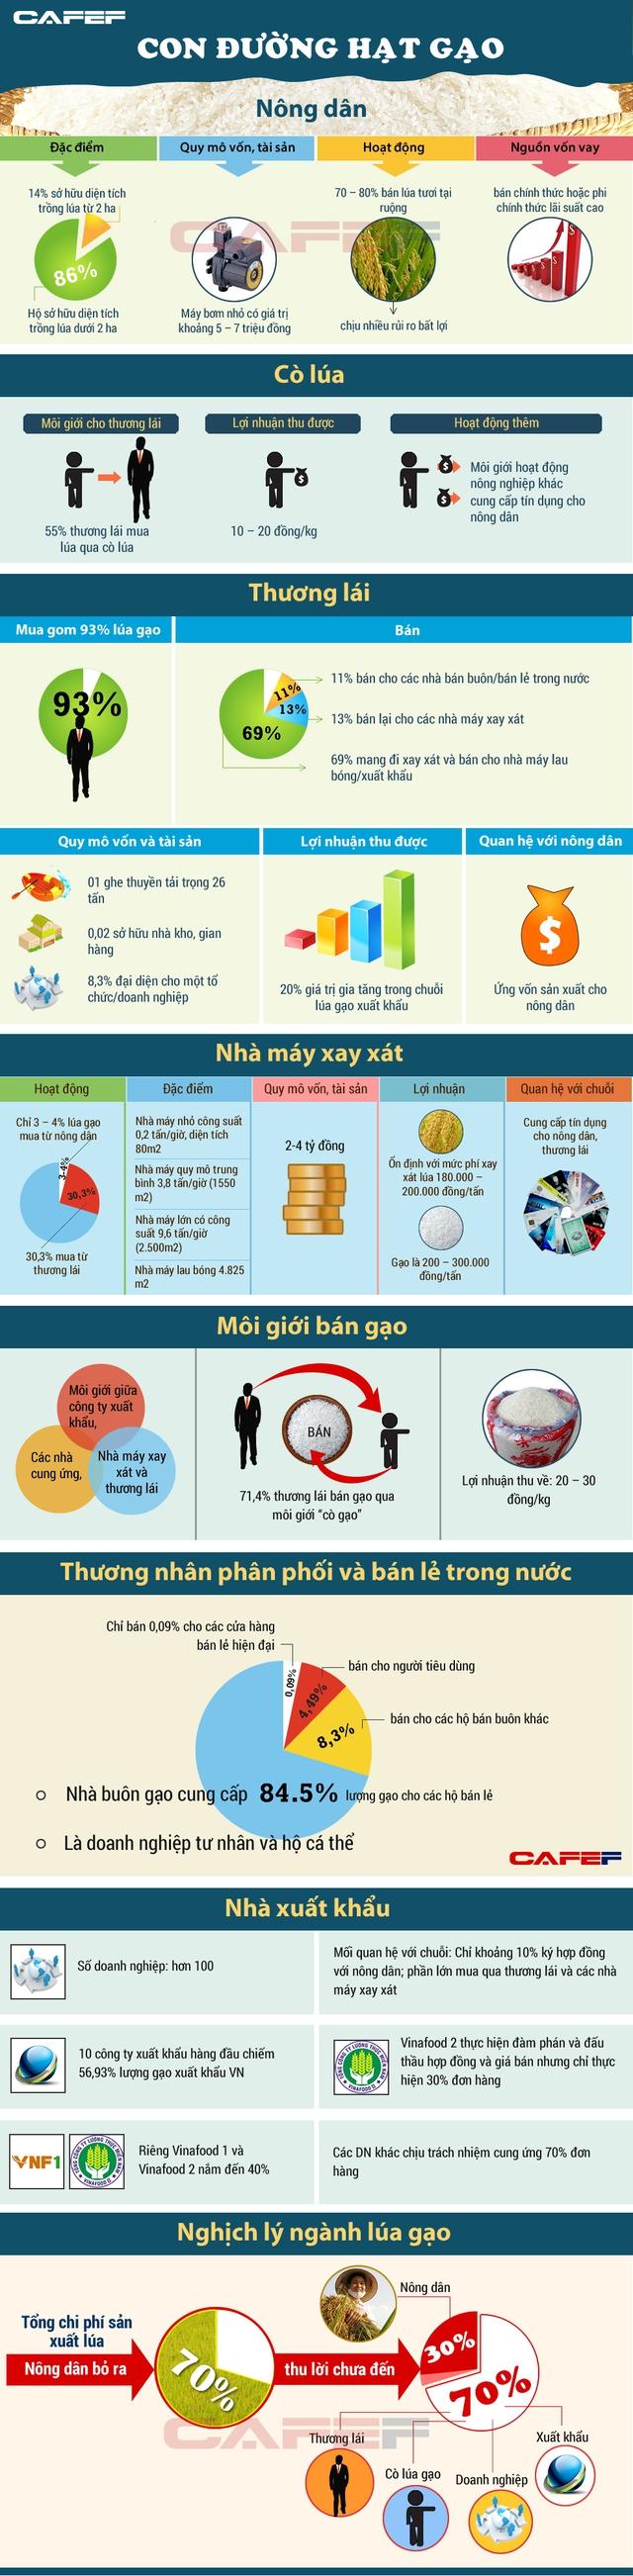 Cấu trúc chuỗi giá trị xuất khẩu gạo của Việt Nam (VERP)